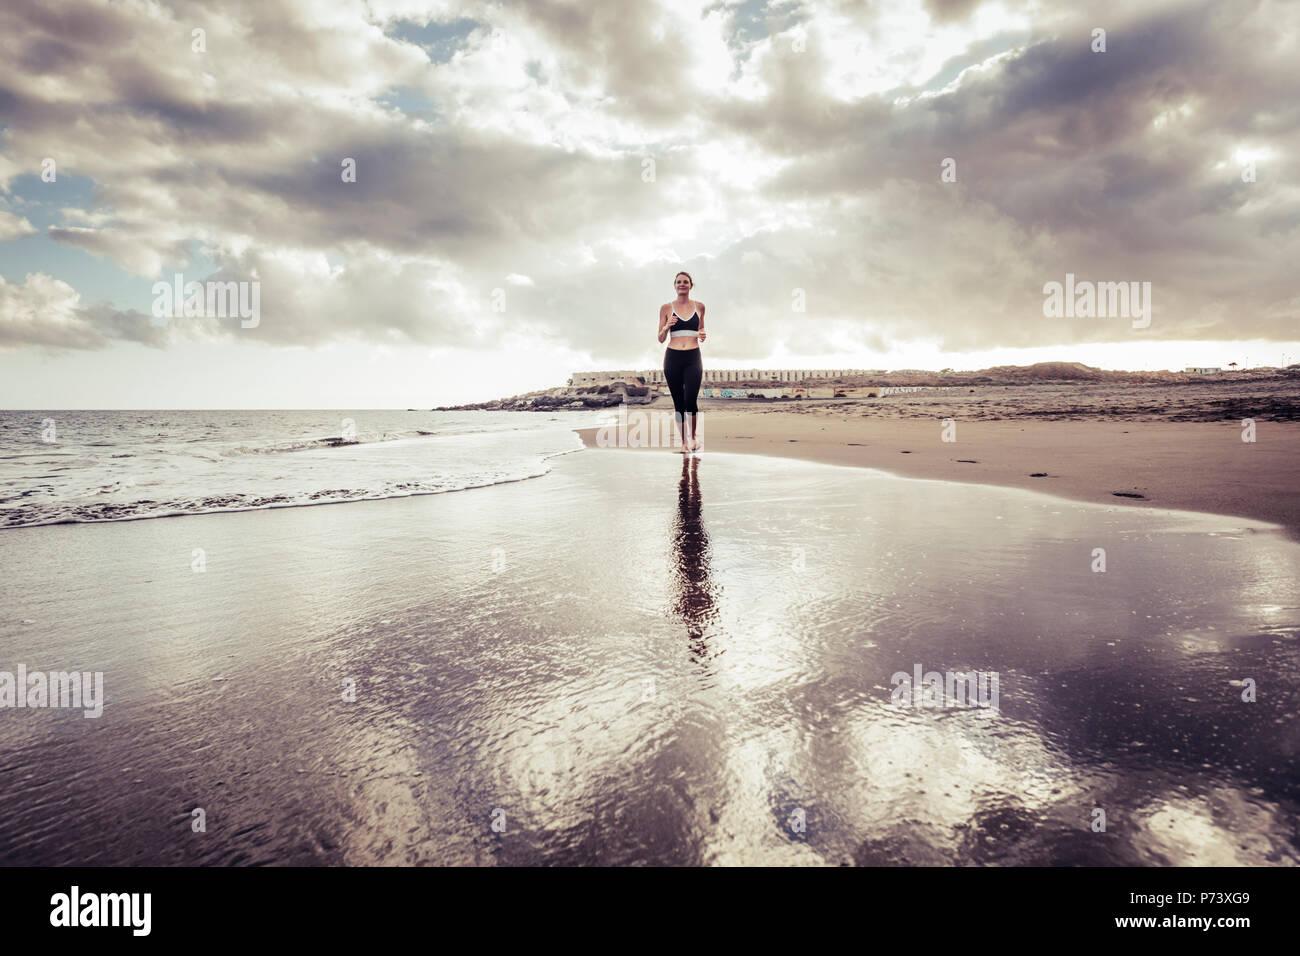 Lonely runner Dame jungen kaukasischen Mädchen am Strand barfuß Stil läuft am Ufer. Wellen und Meer Sport Konzept. Sonnenuntergang ein Stockbild